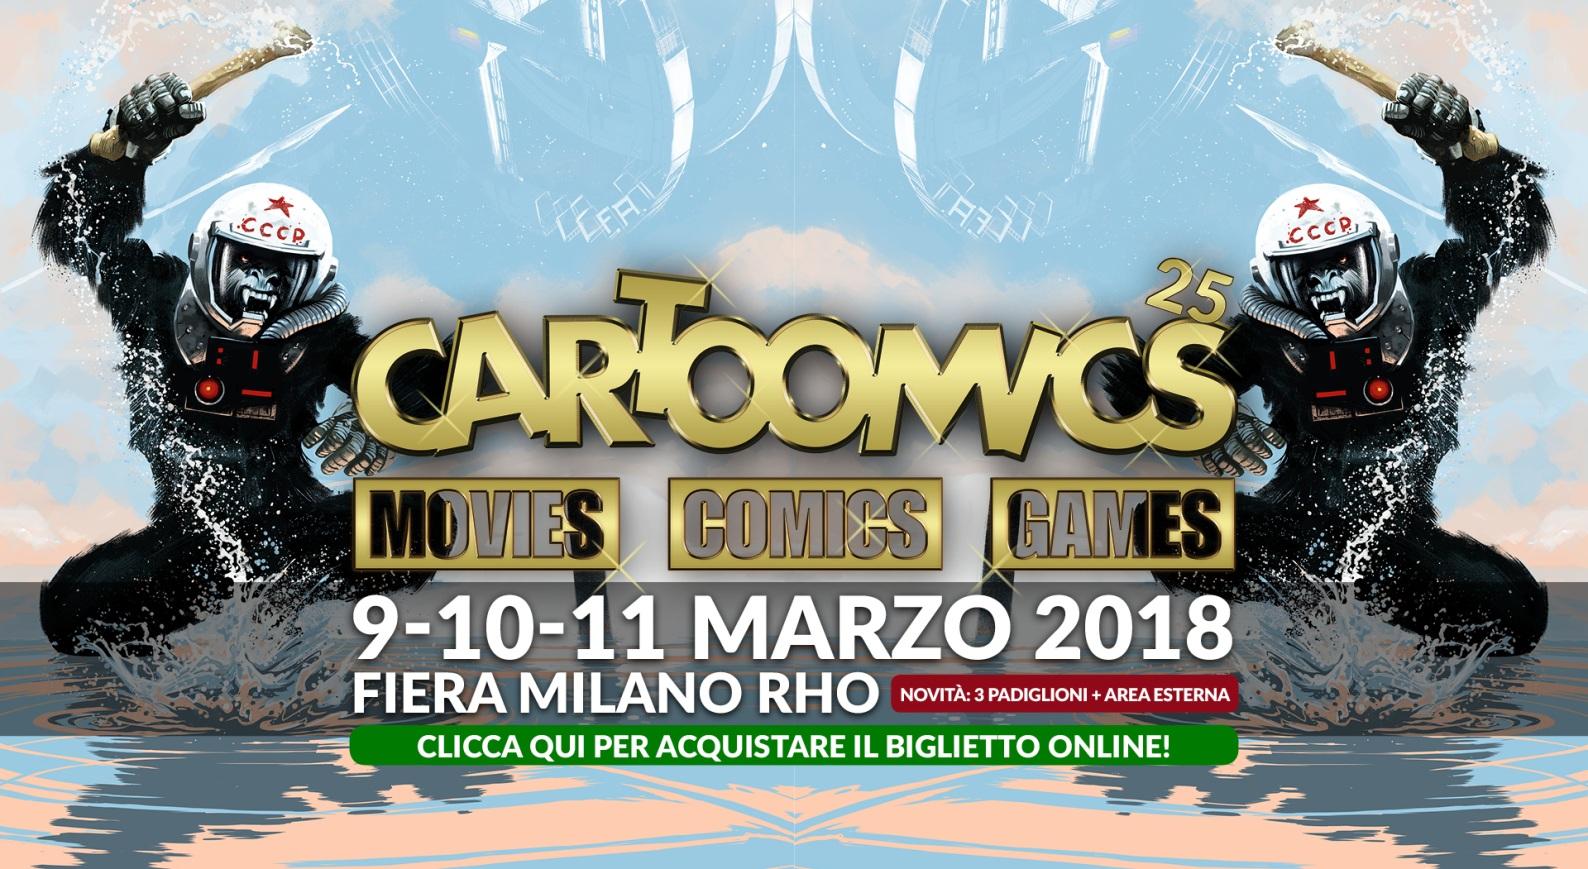 Il Cartoomics: anticipazioni sul 25esimo anniversario della fiera di Milano